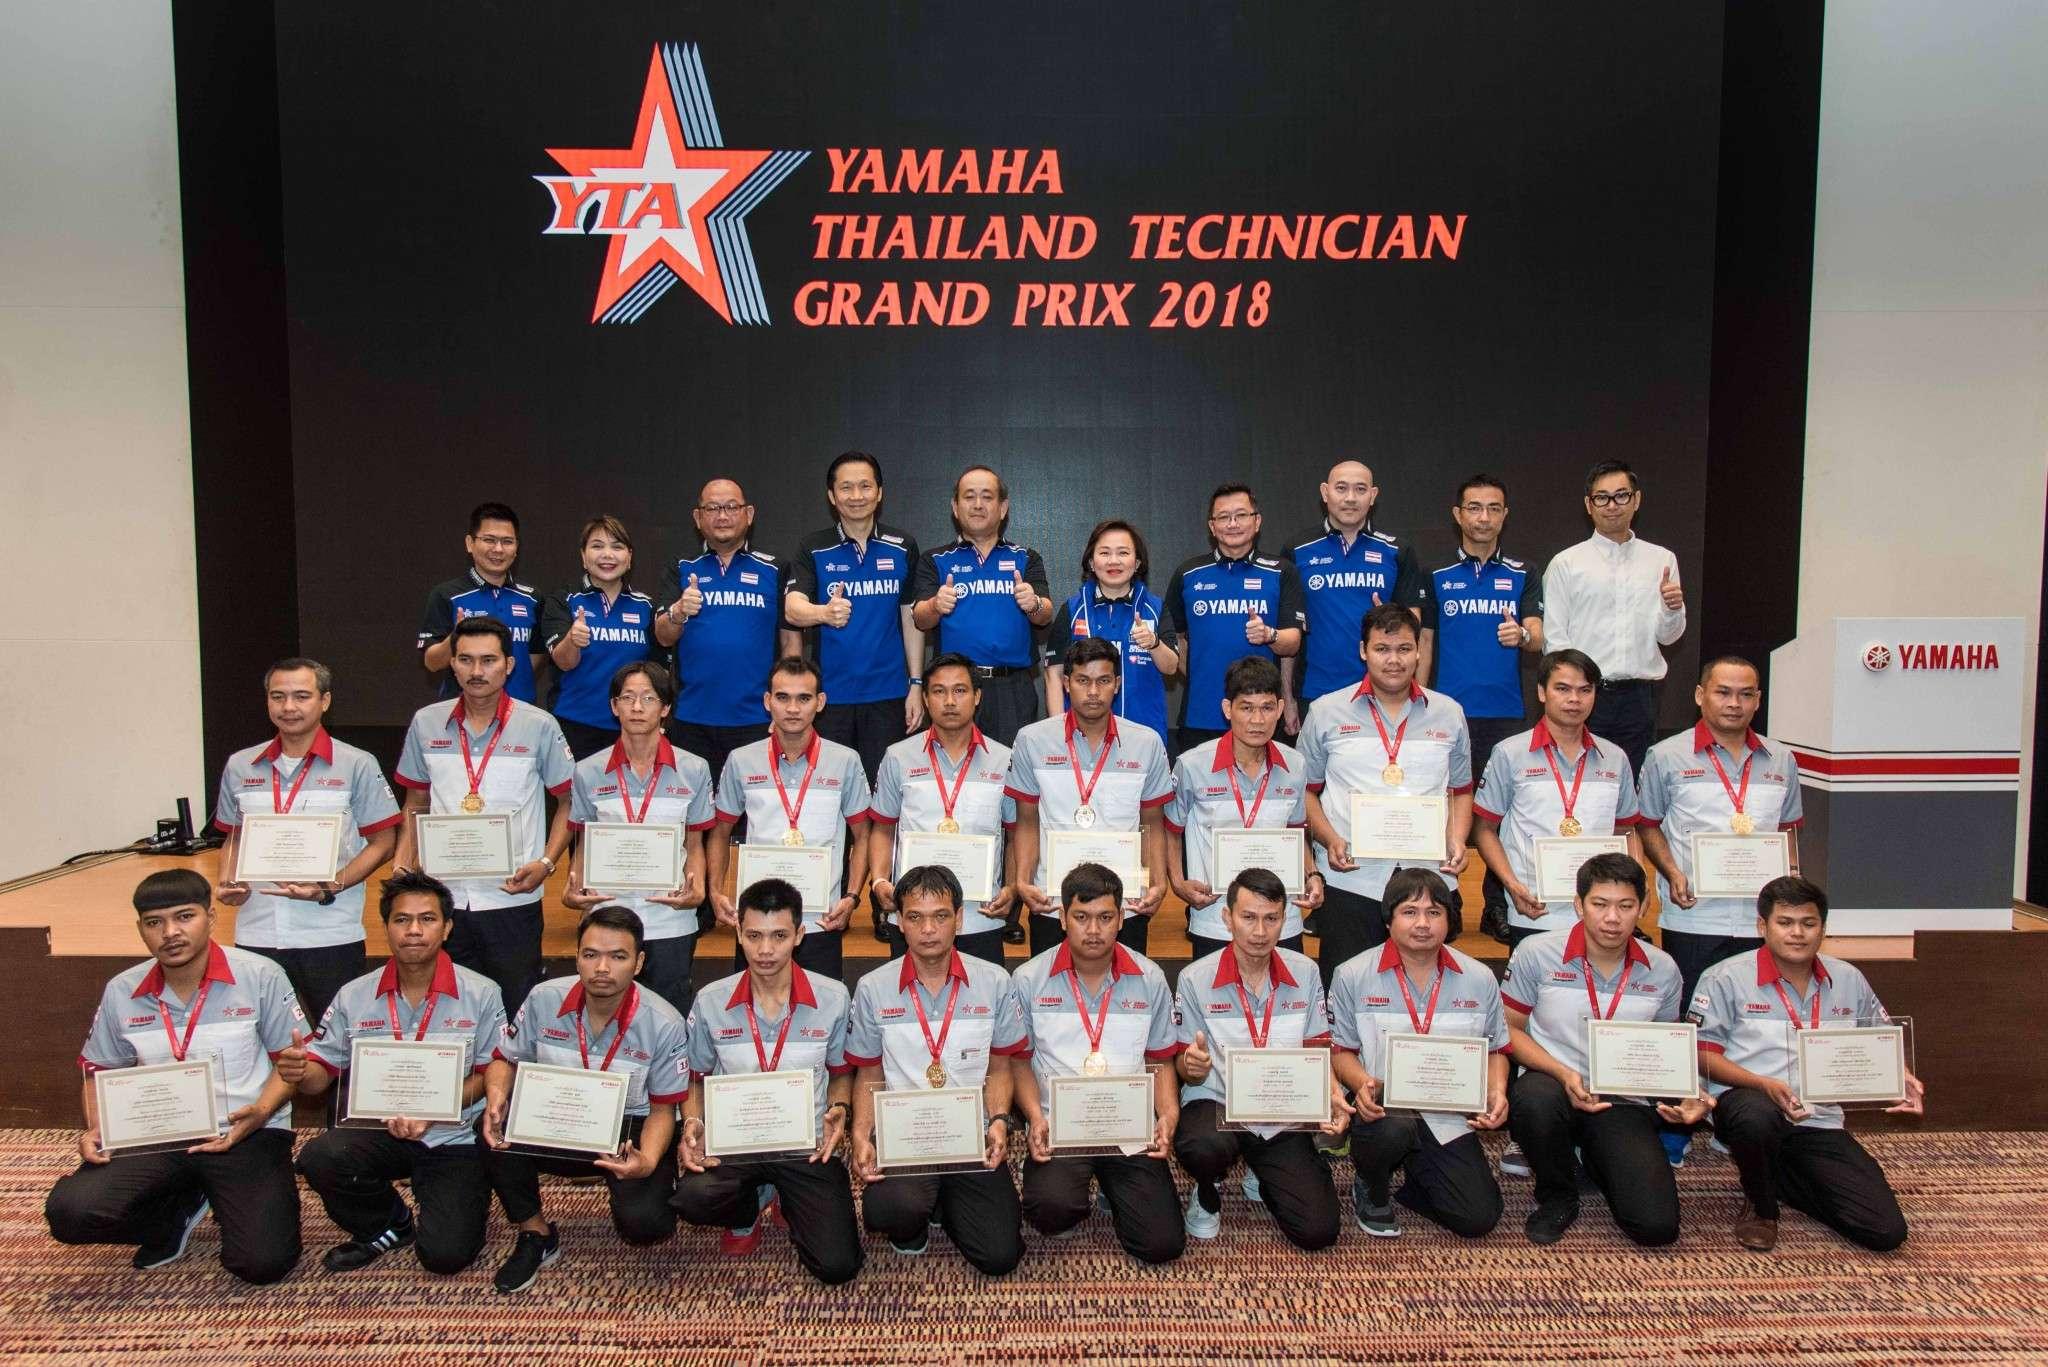 """ยามาฮ่าจัดการแข่งขัน """"THAILAND TECHNICIAN GRAND PRIX 2018"""" ค้นหาสุดยอดช่างระดับประเทศเข้าร่วมการแข่งขันระดับโลกที่ประเทศญี่ปุ่น - Webike Thailand"""